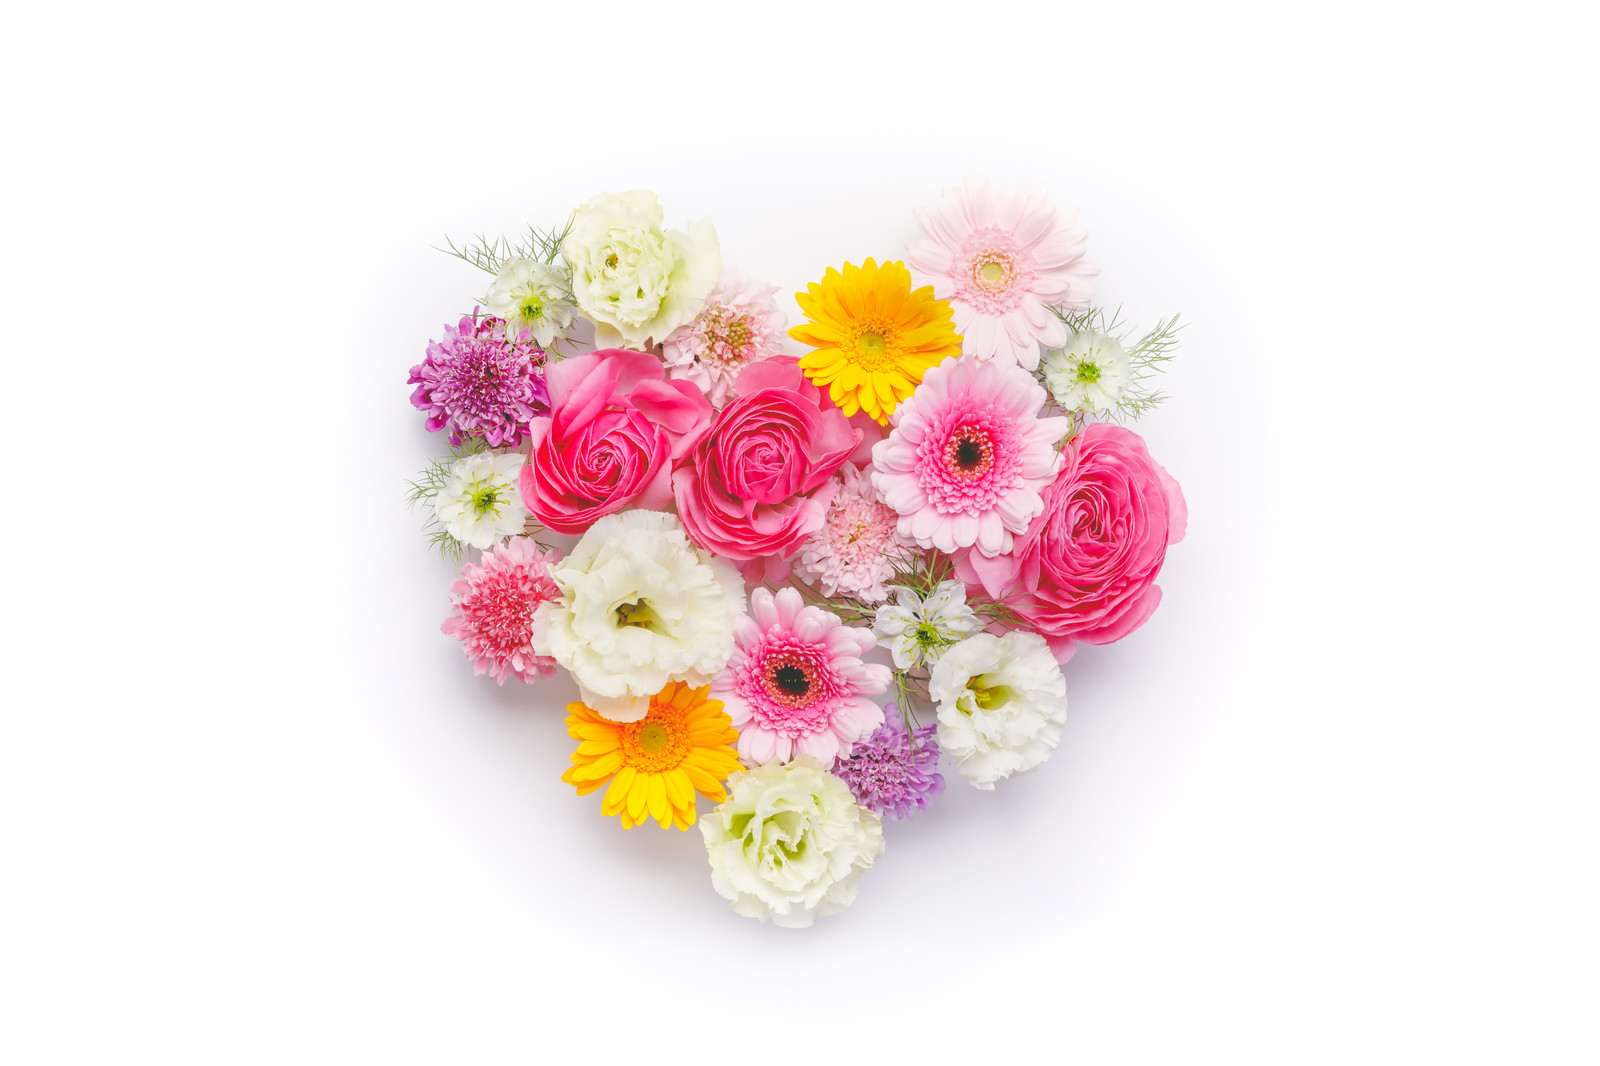 「ハート型の花」の写真